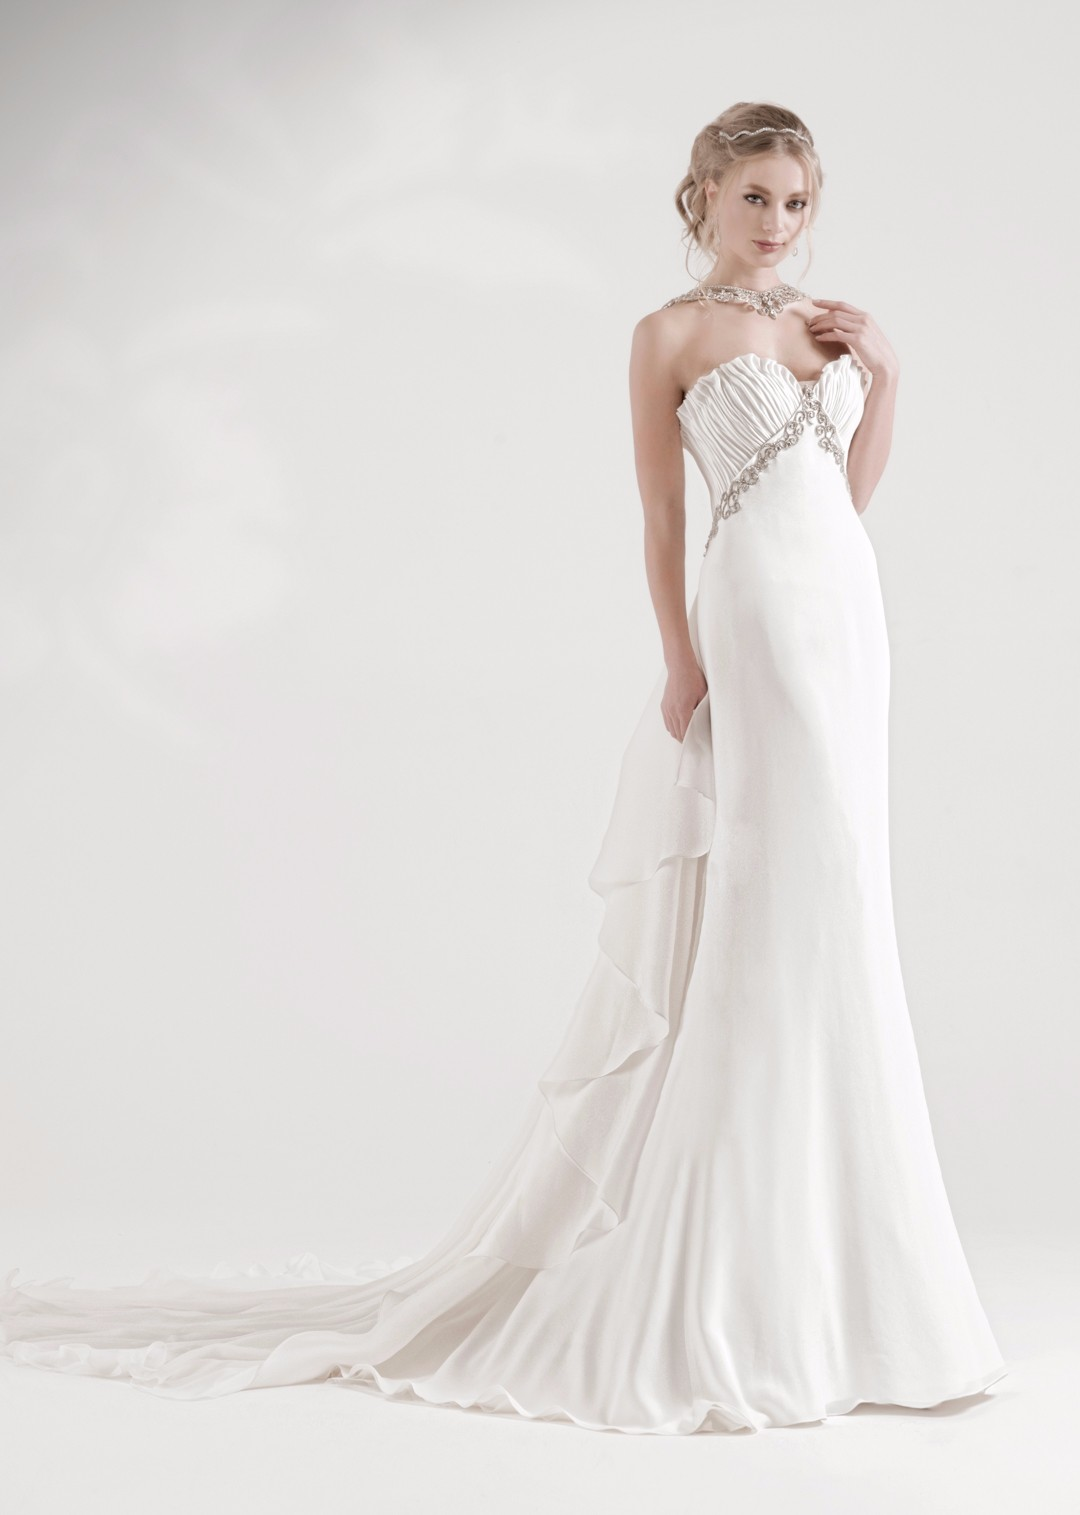 ff8bbe566557 scollature abiti da sposa - Abiti da sposa Roma - Anna Tumas Atelier